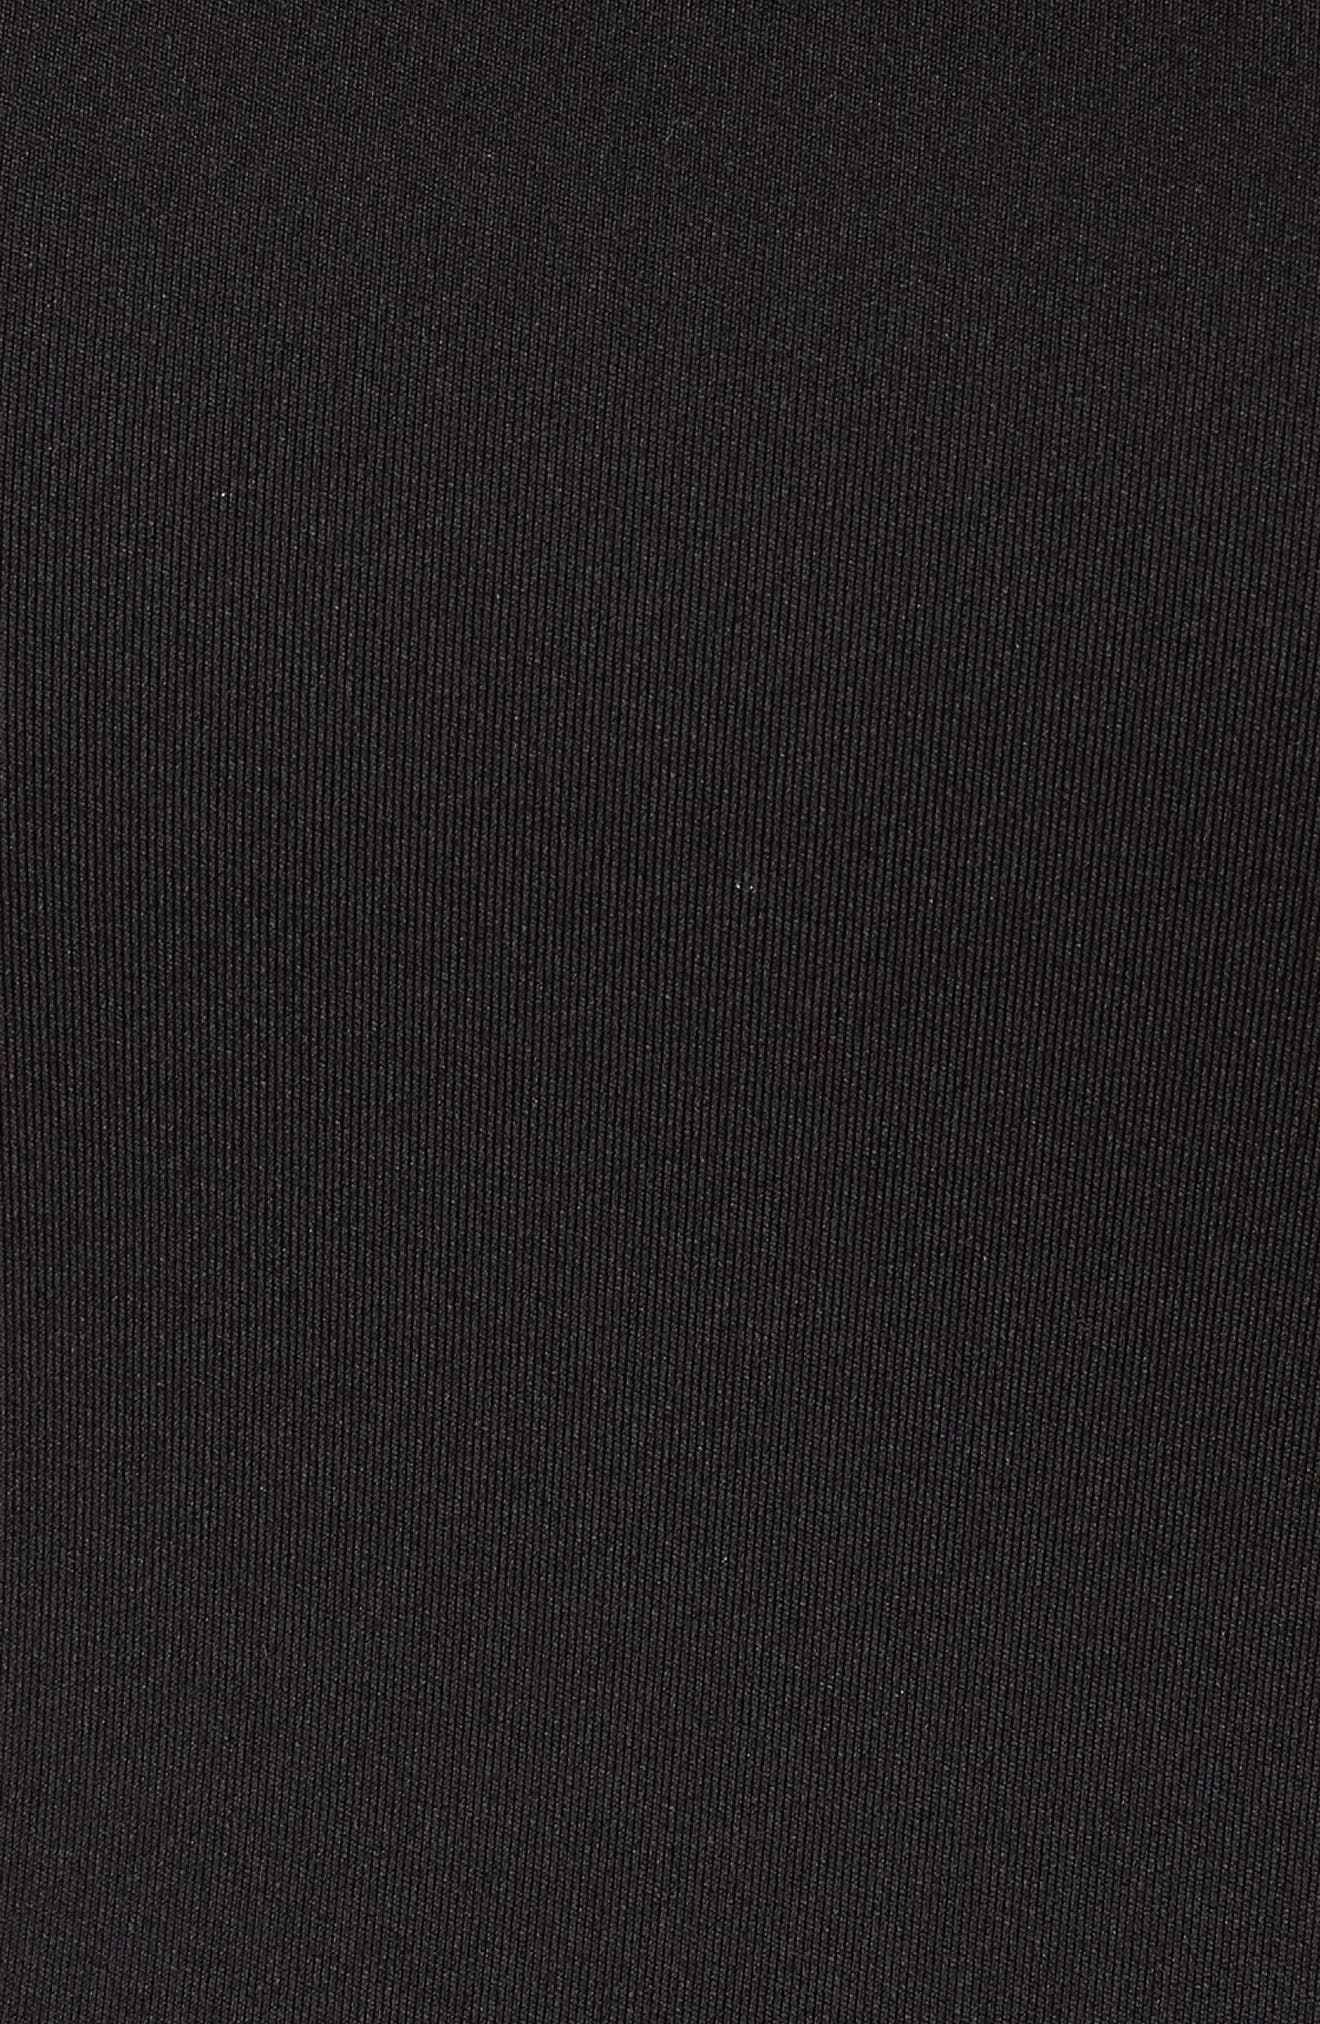 Lincoln Bralette Sports Bra,                             Alternate thumbnail 6, color,                             003